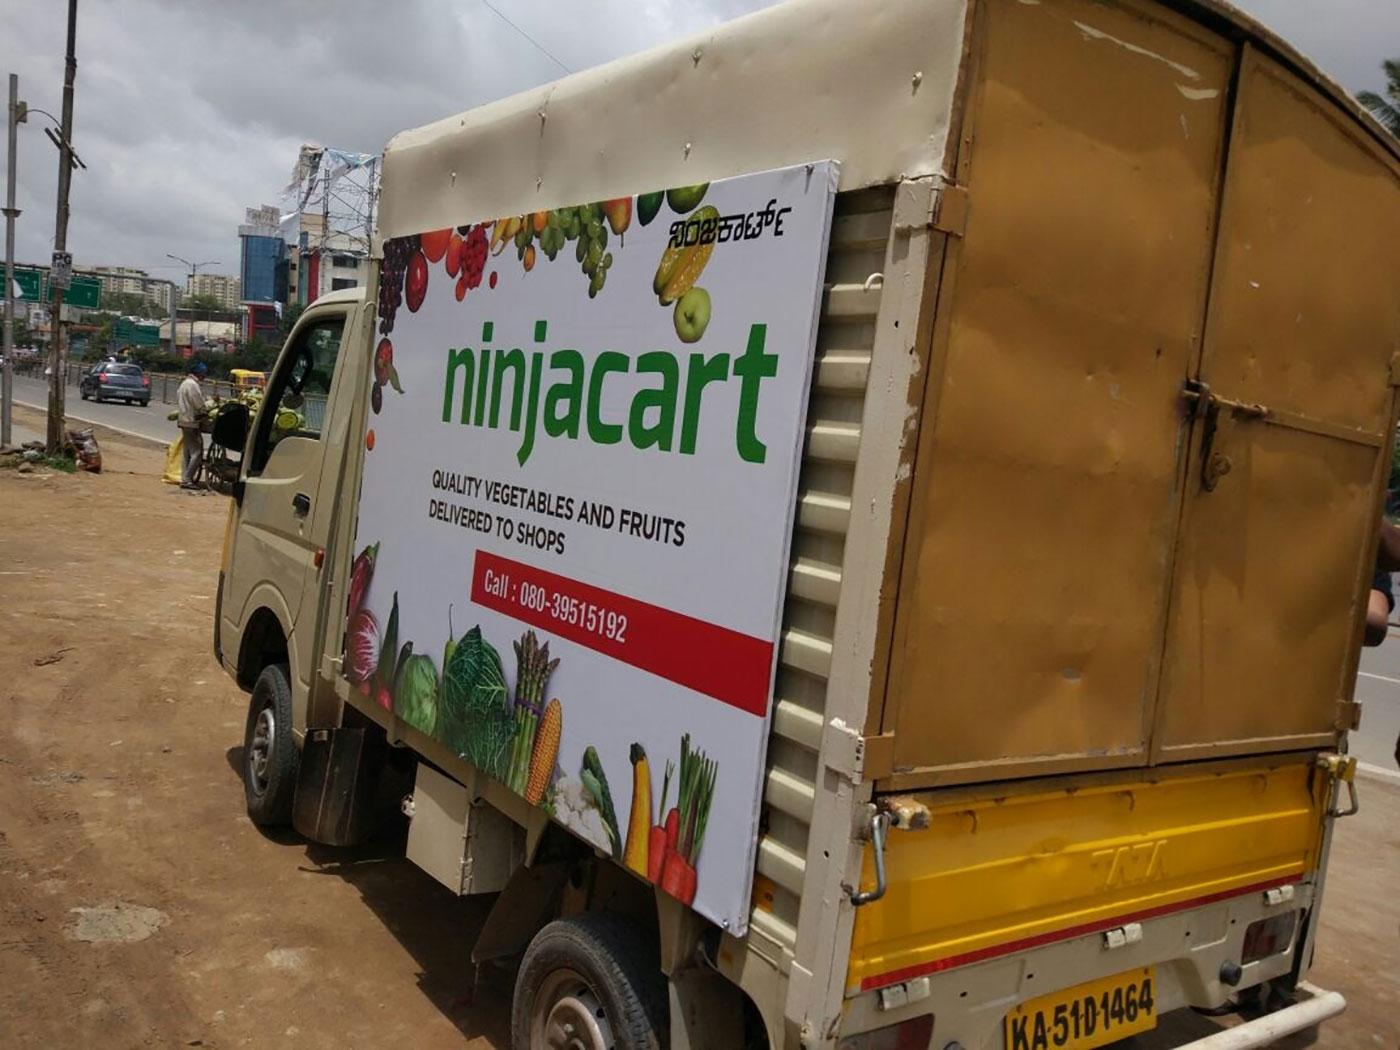 Ninjacart Delivery Van To Kirana Stores